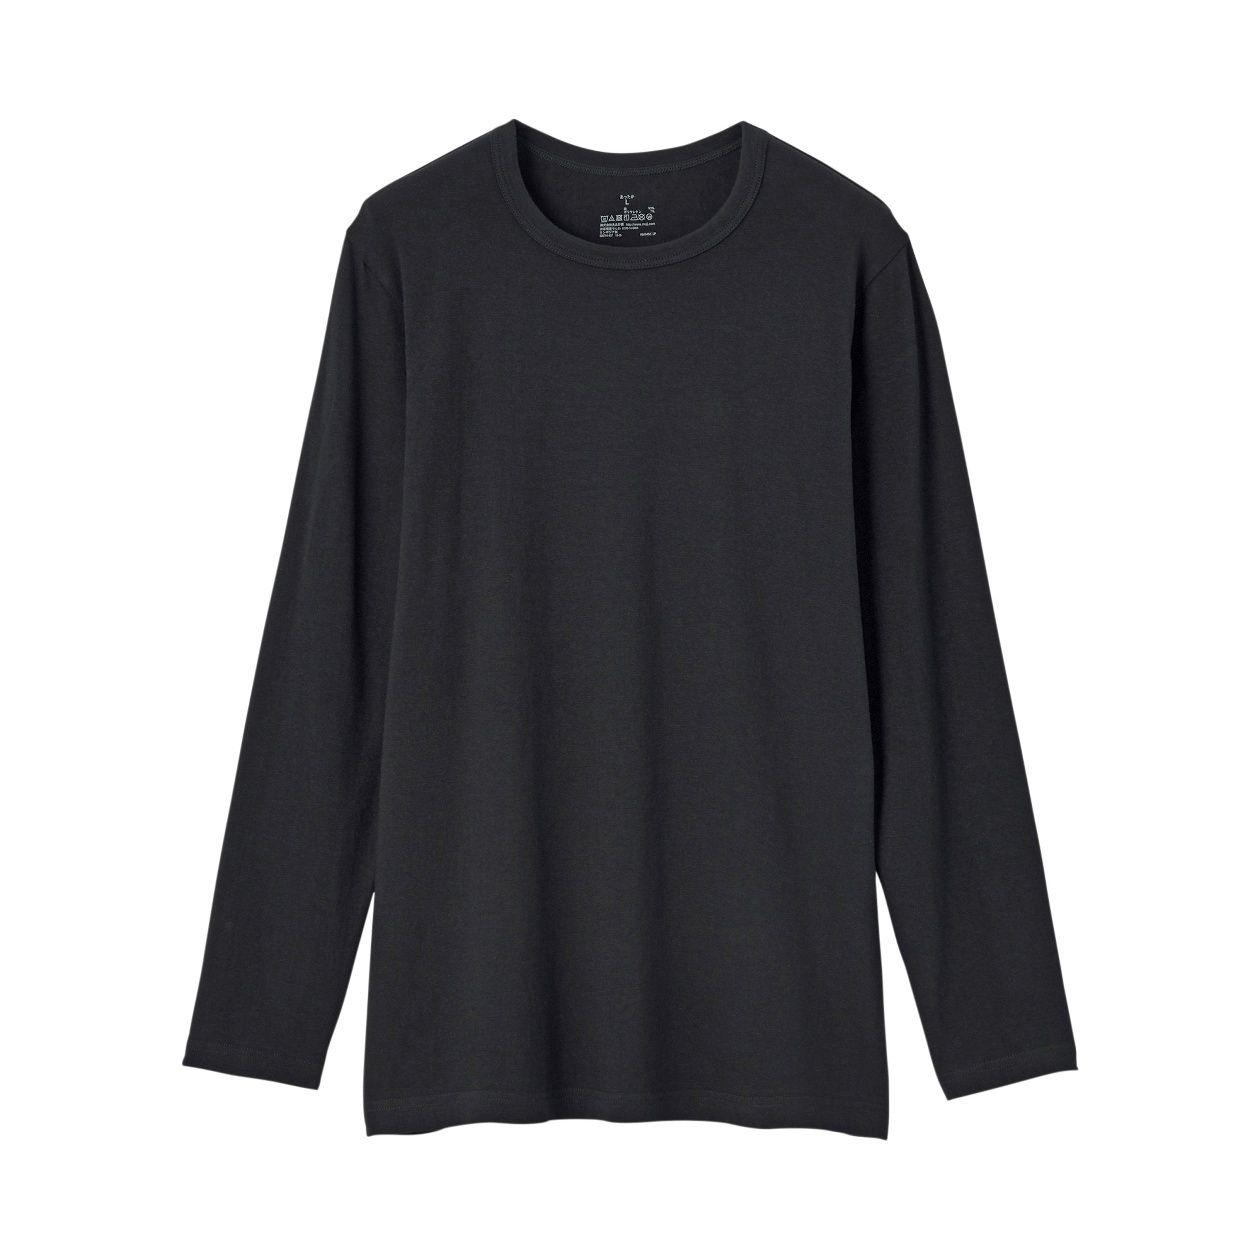 綿であったかクルーネック長袖Tシャツカラー写真03